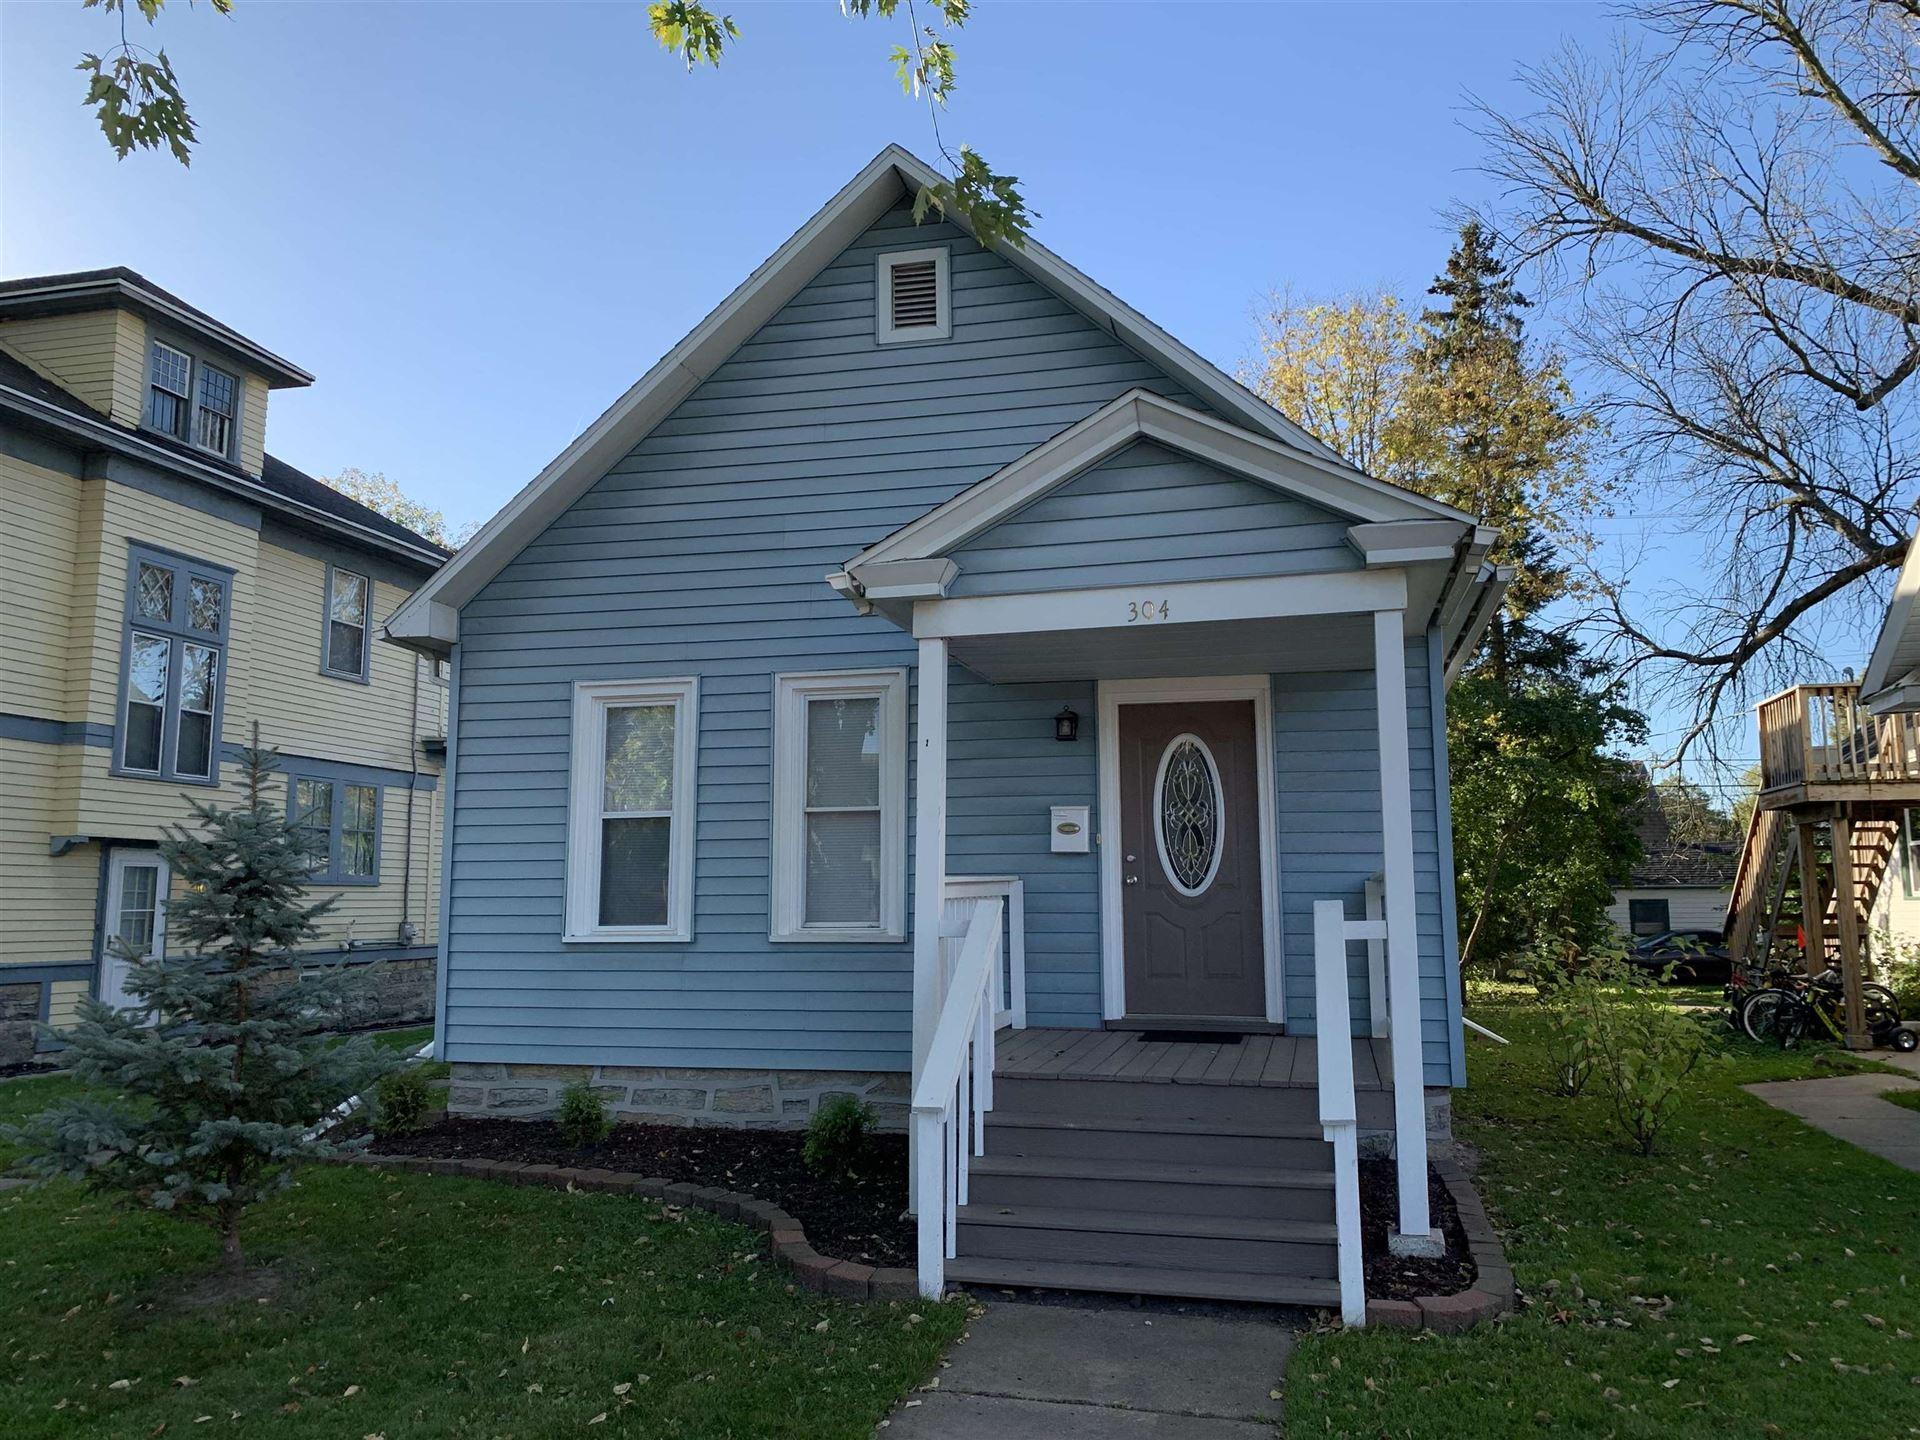 304 S MAPLE Avenue, Green Bay, WI 54303 - MLS#: 50249936